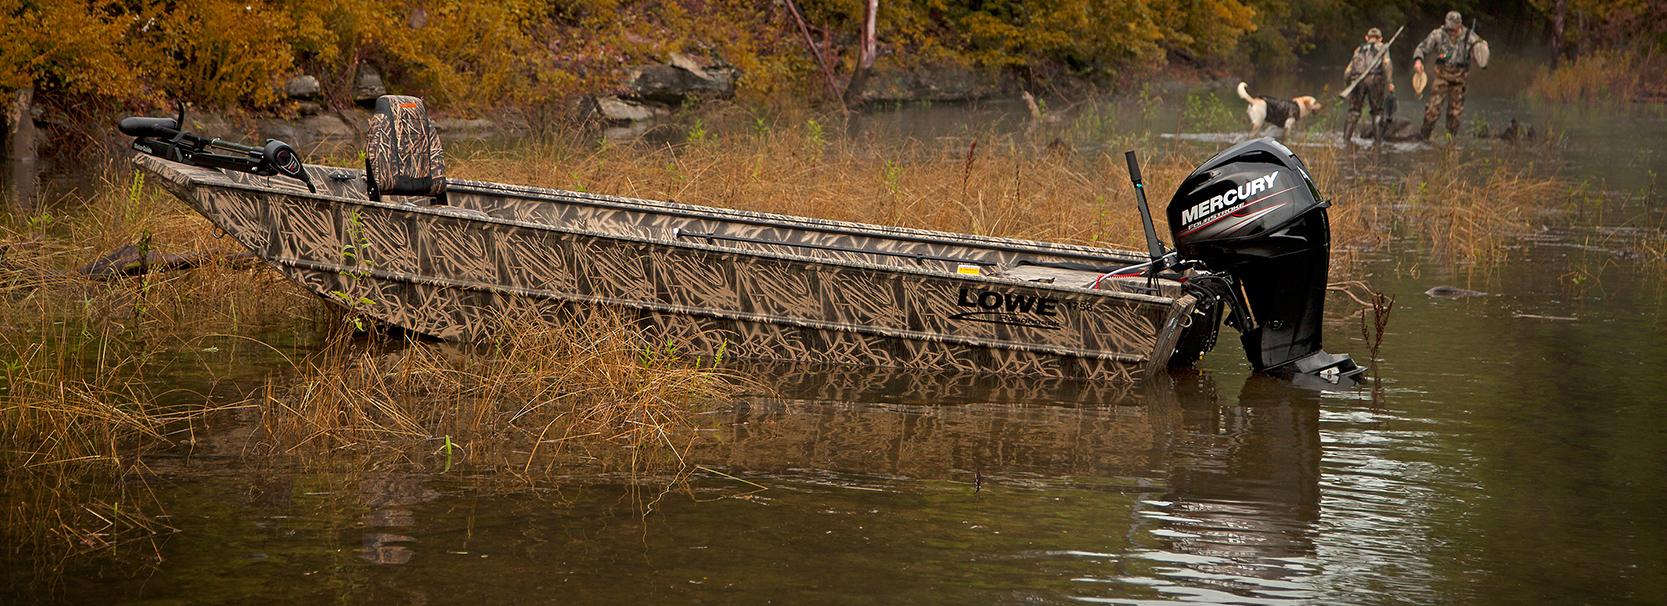 2018 Lowe Stinger Boat in Sheridan CO